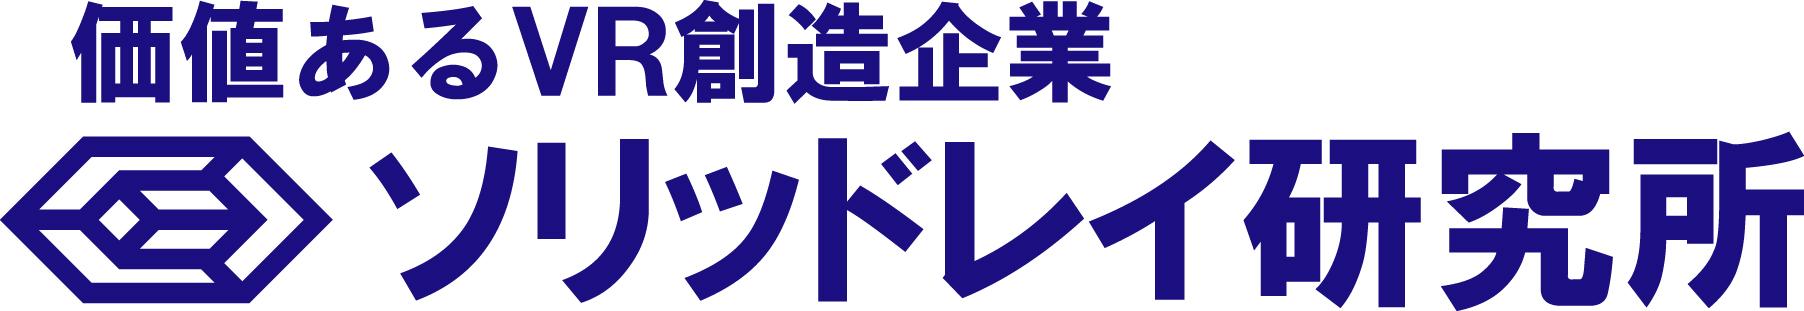 株式会社ソリッドレイ研究所